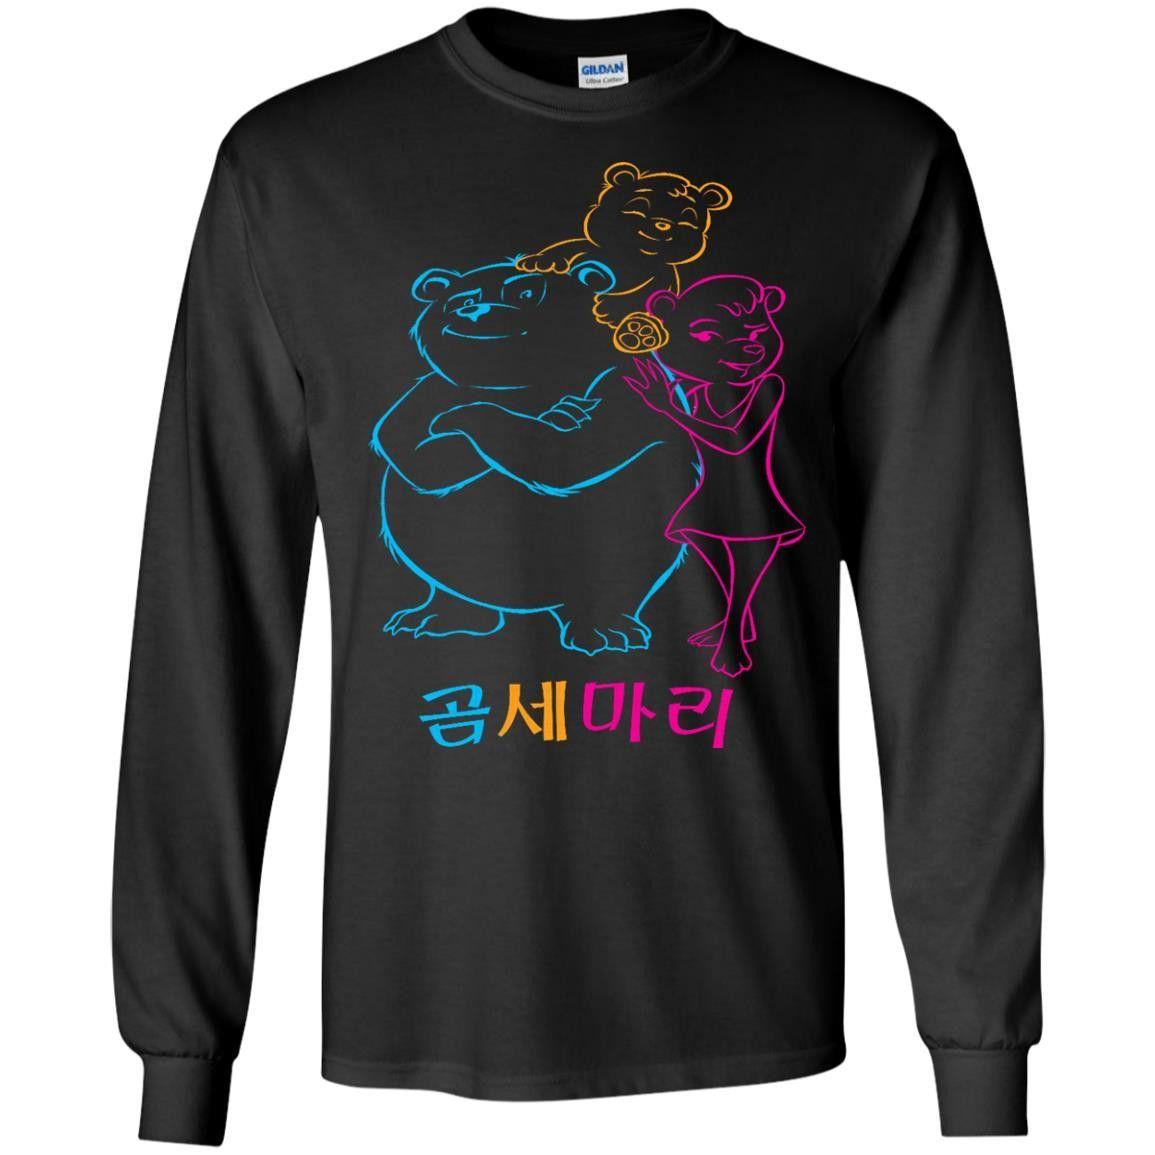 3 BEARS FAMILY1 G240 Gildan LS Ultra Cotton T-Shirt